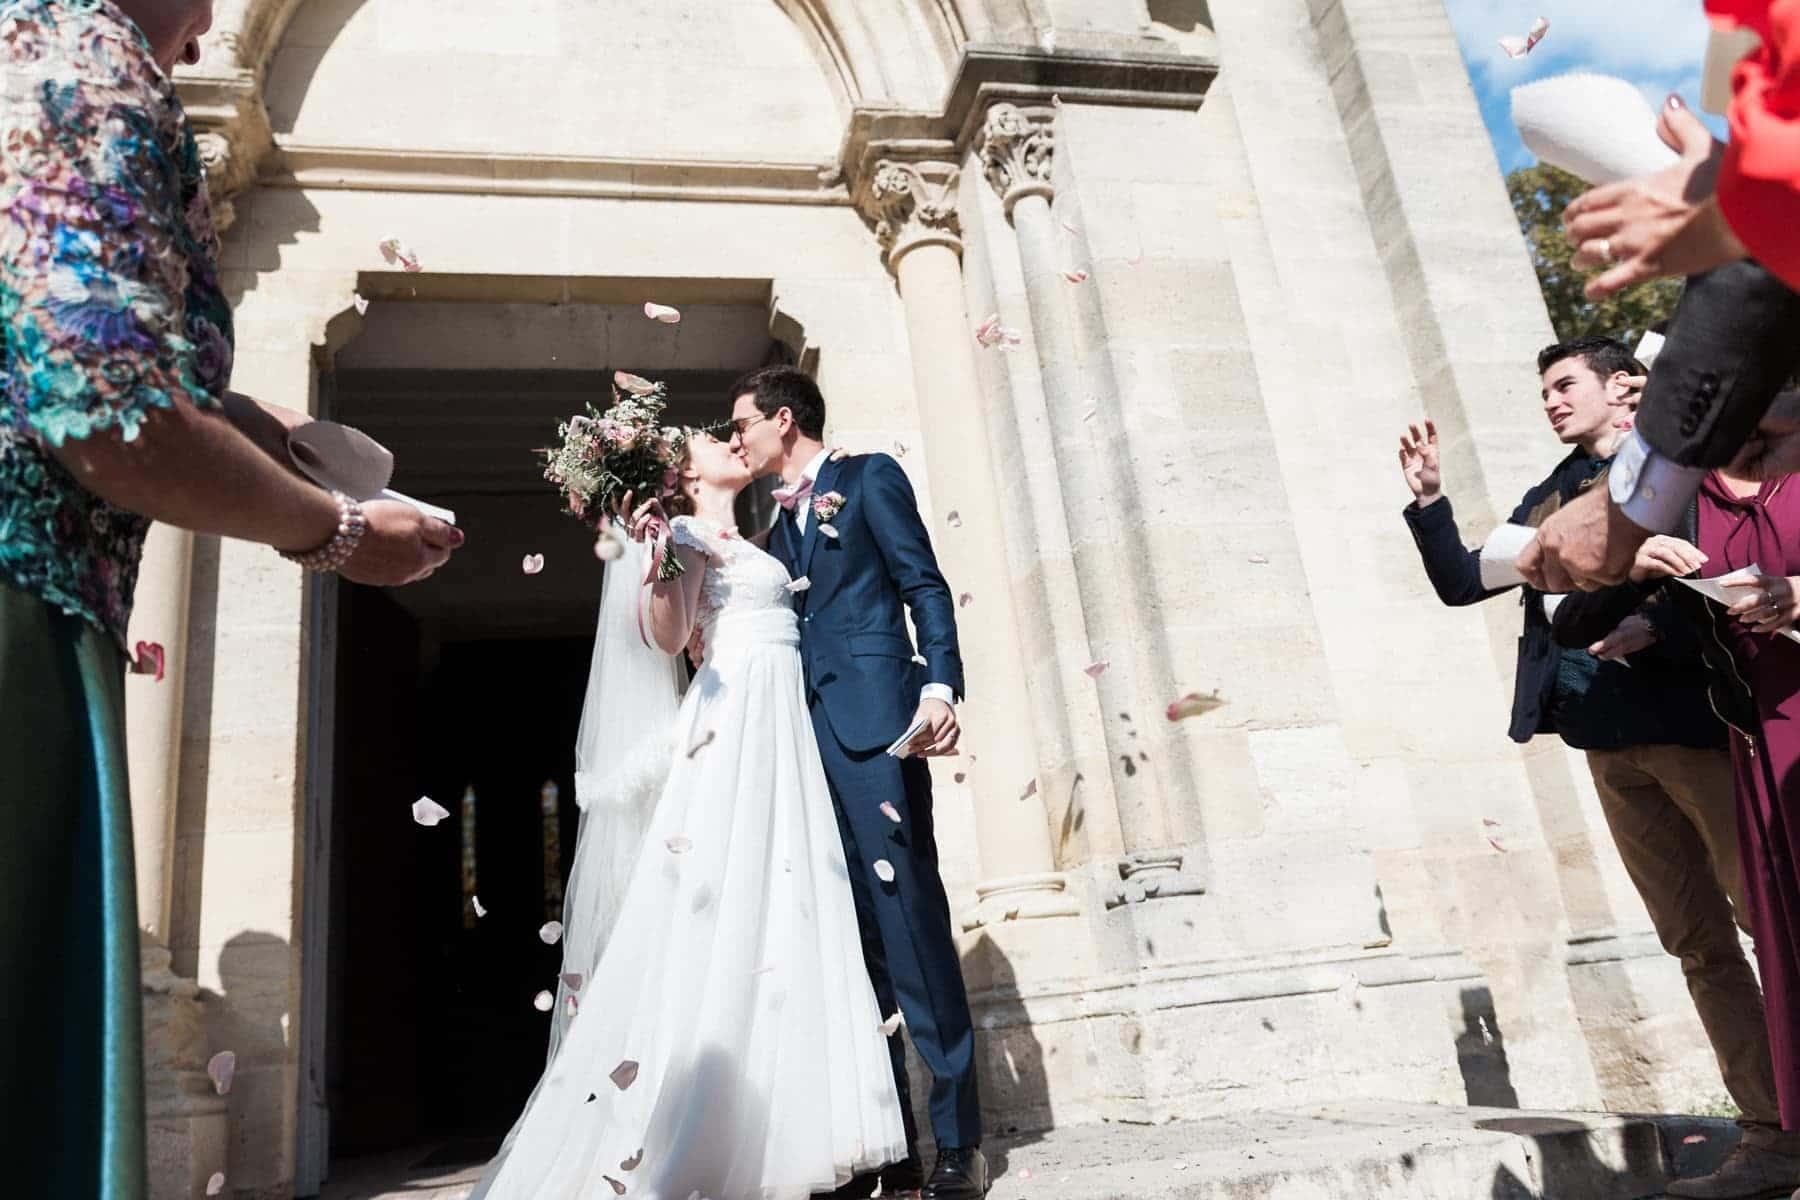 Photographe de Mariage à Bordeaux : Sortie des mariés, confettis et paillettes à l'église de Saint Jean d'Illac